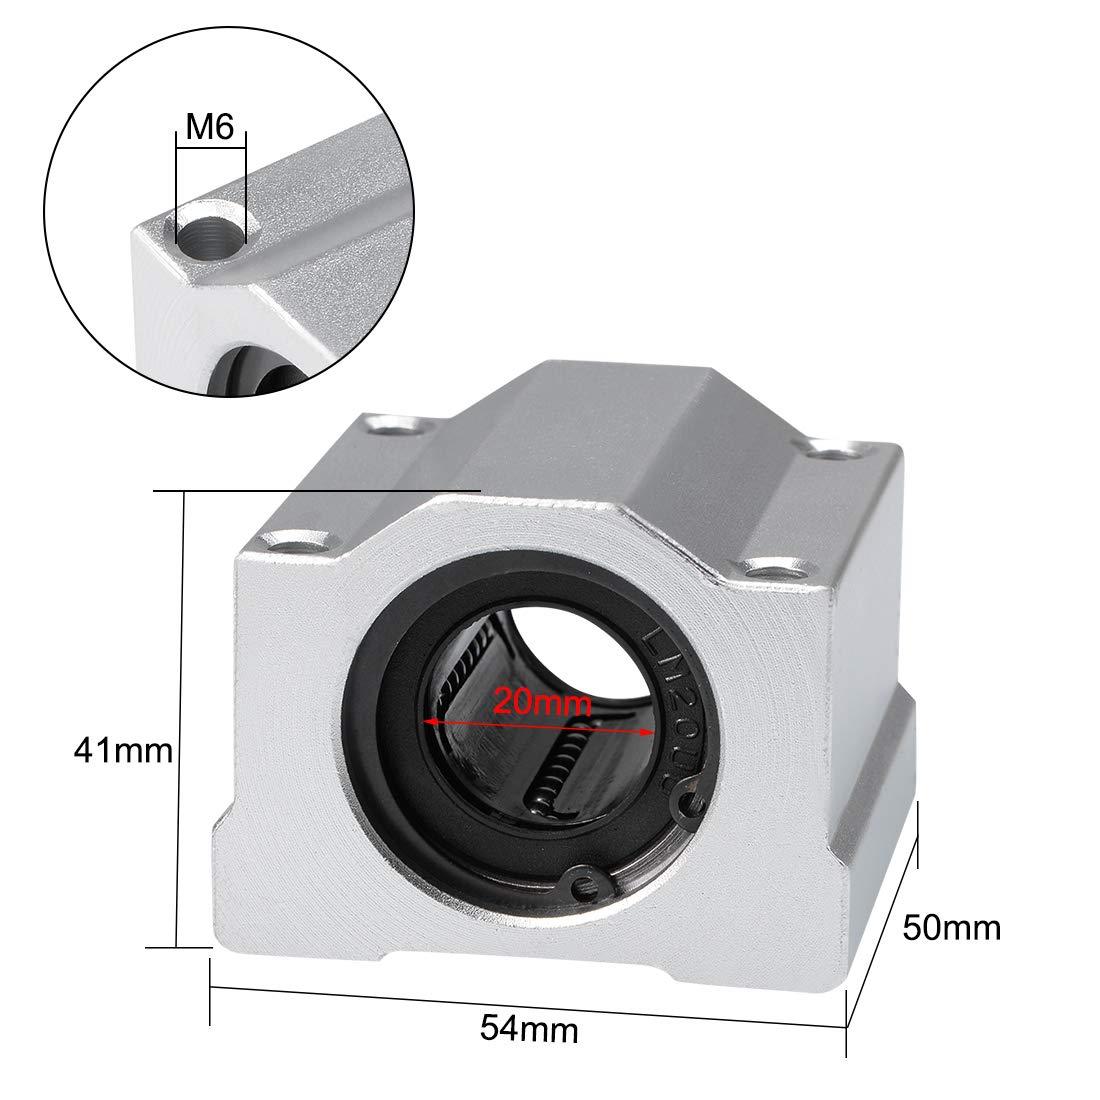 uxcell/® SBR12UU 12mm Linear Motion Ball Bearing Pillow Block